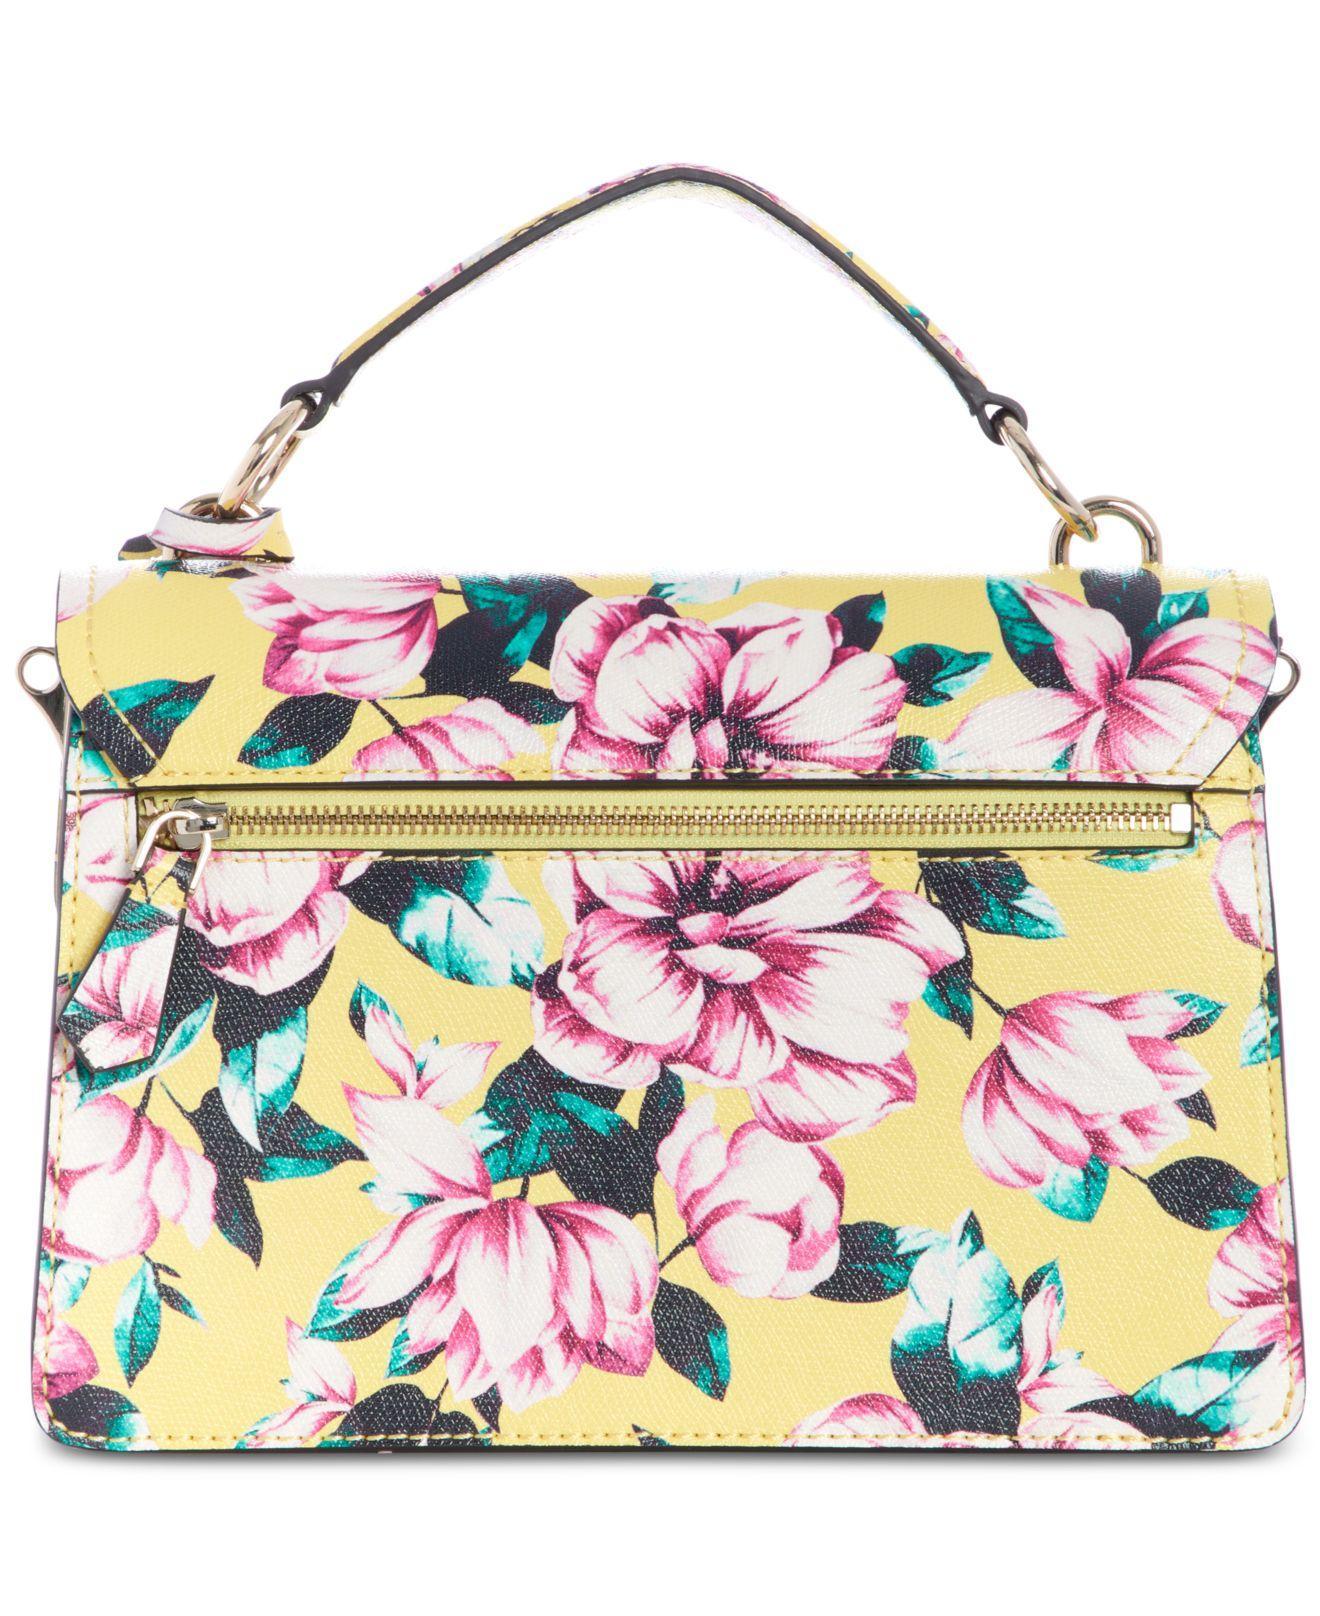 GUESS Landon Floral Top Handle Flap